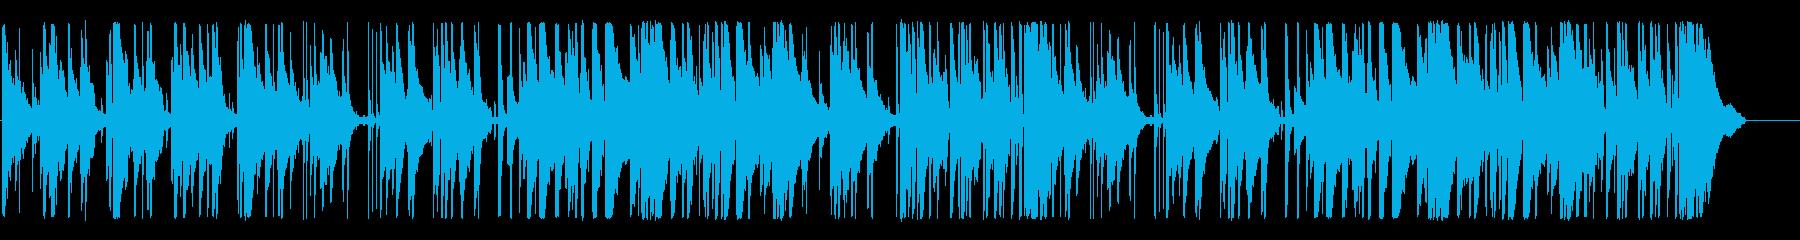 ジャズ、ピアノの再生済みの波形